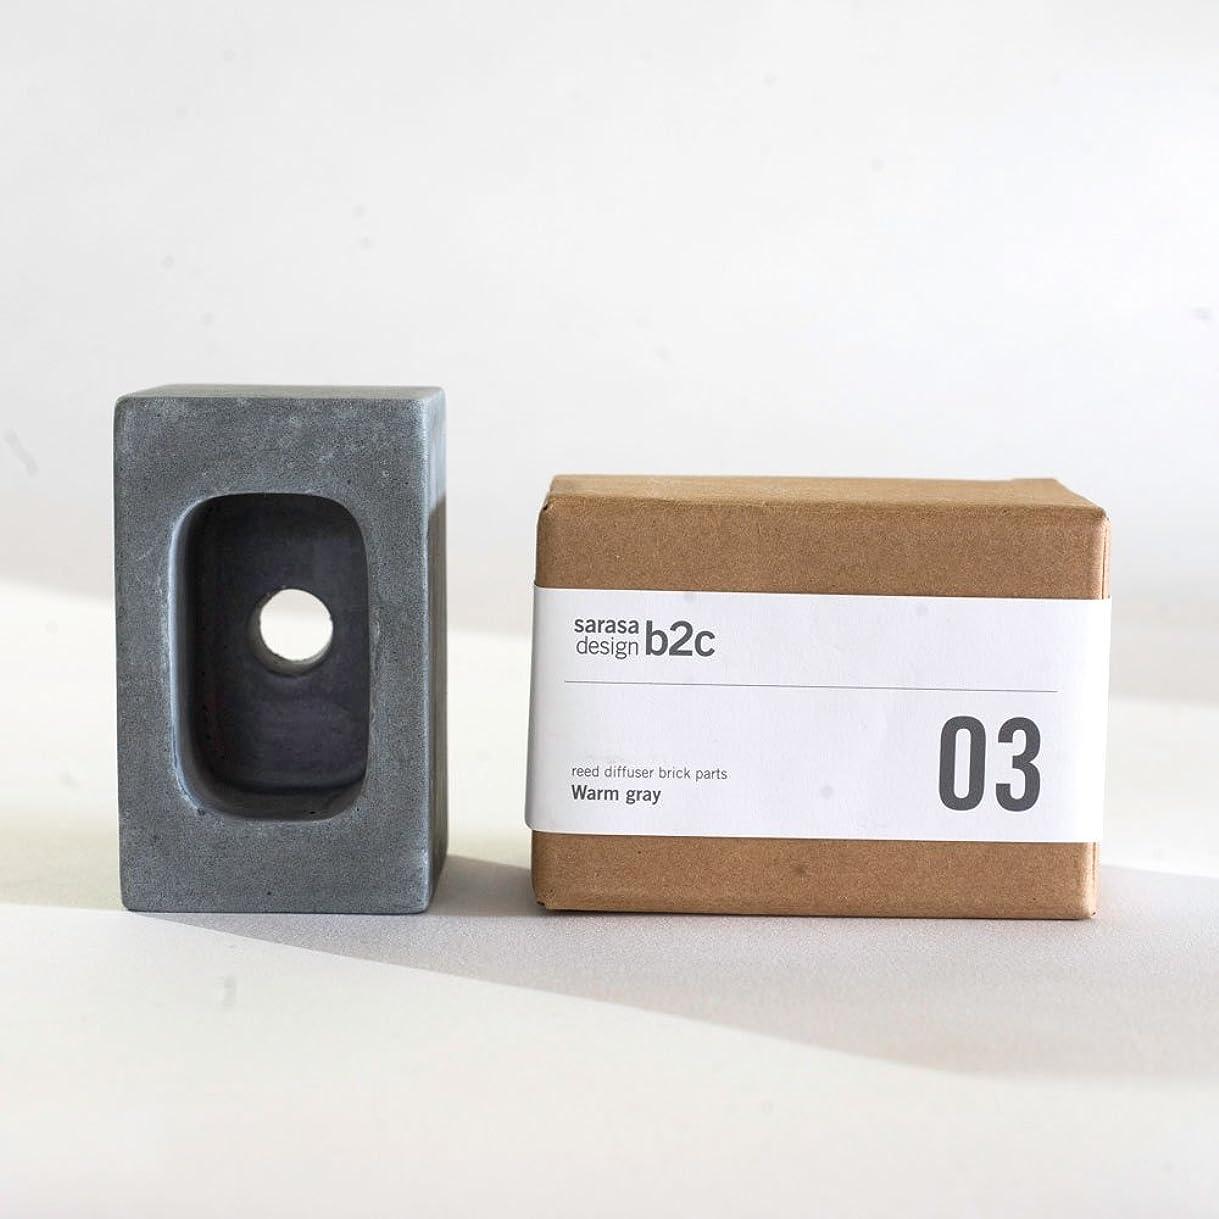 支配的供給テメリティar003cgy/パーツ販売?b2c ブリック用 コンクリートパーツ(スクエア)《チャコールグレー》| 芳香剤 ルームフレグランス リードディフューザー アロマ ディフューザー